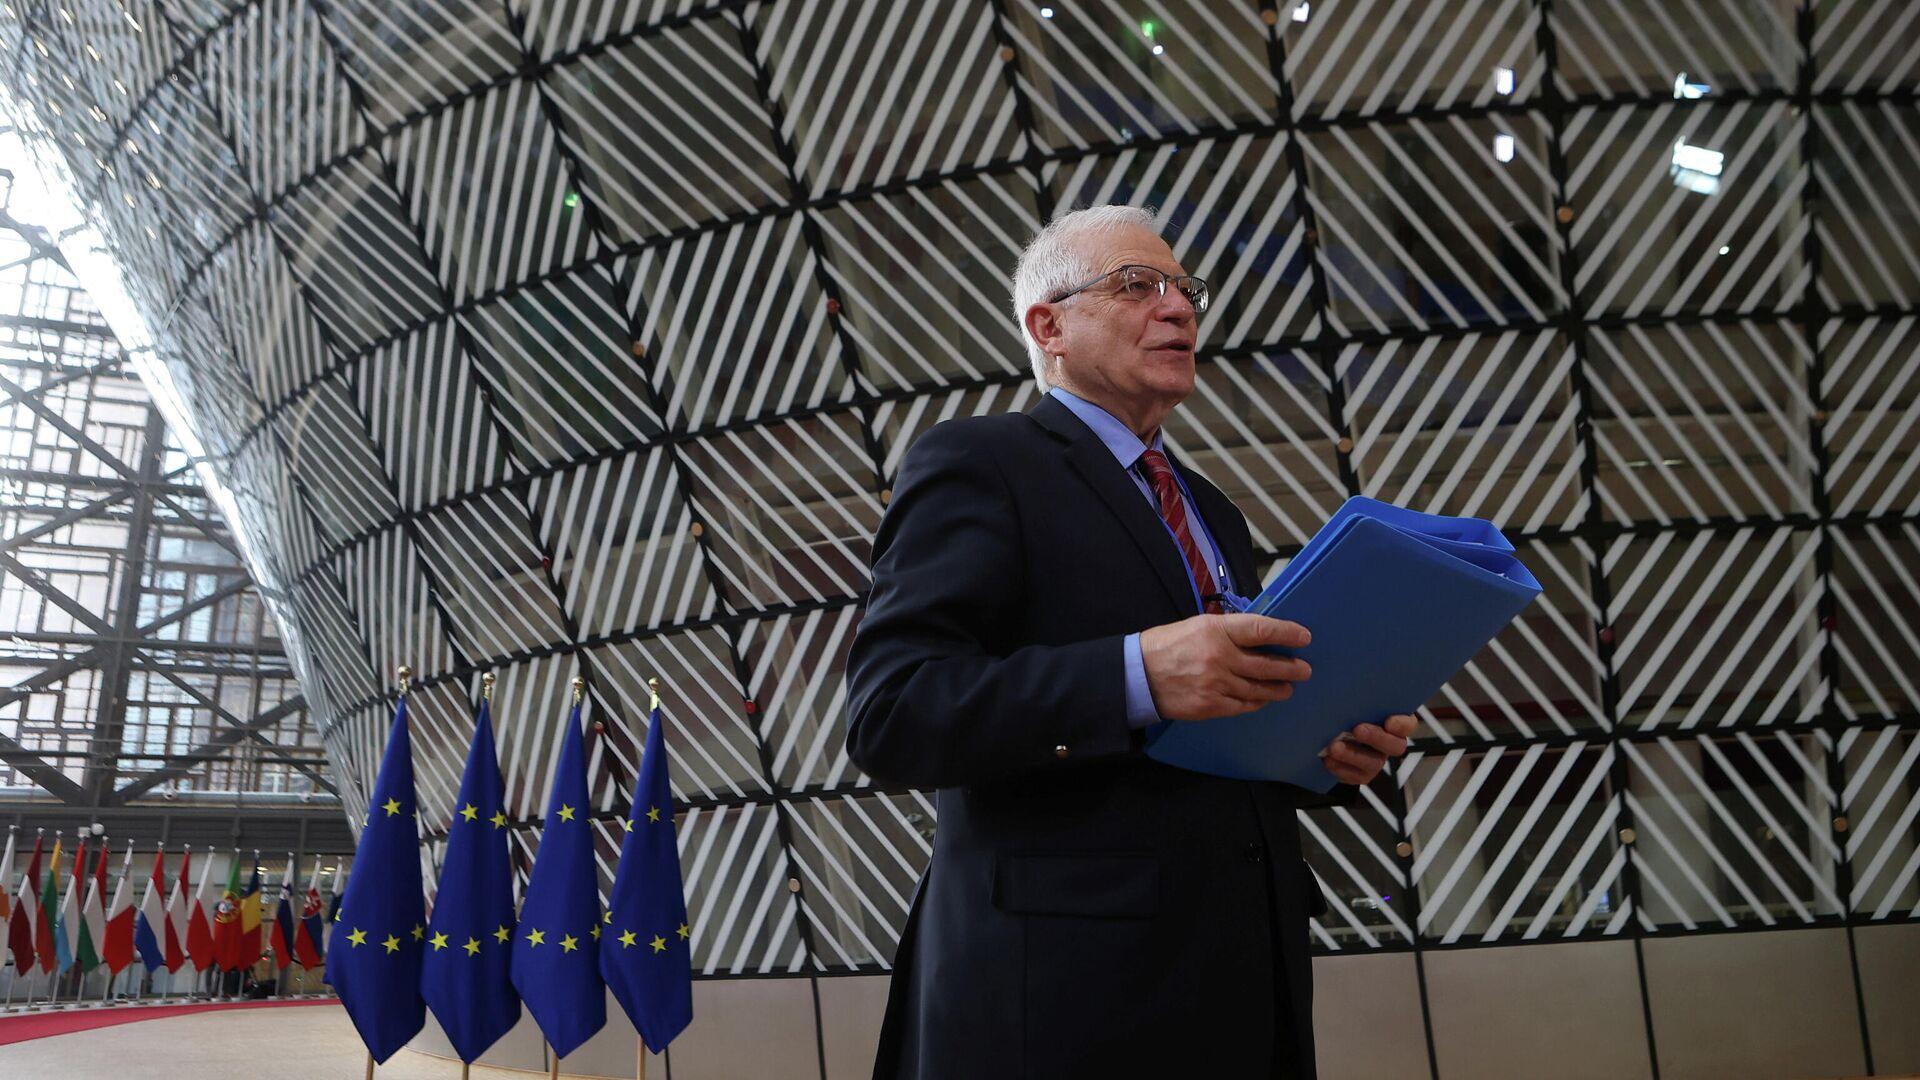 Верховный представитель Европейского союза по иностранным делам и политике безопасности Жозеп Боррель перед заседанием Совета МИД ЕС в Брюсселе - РИА Новости, 1920, 24.03.2021